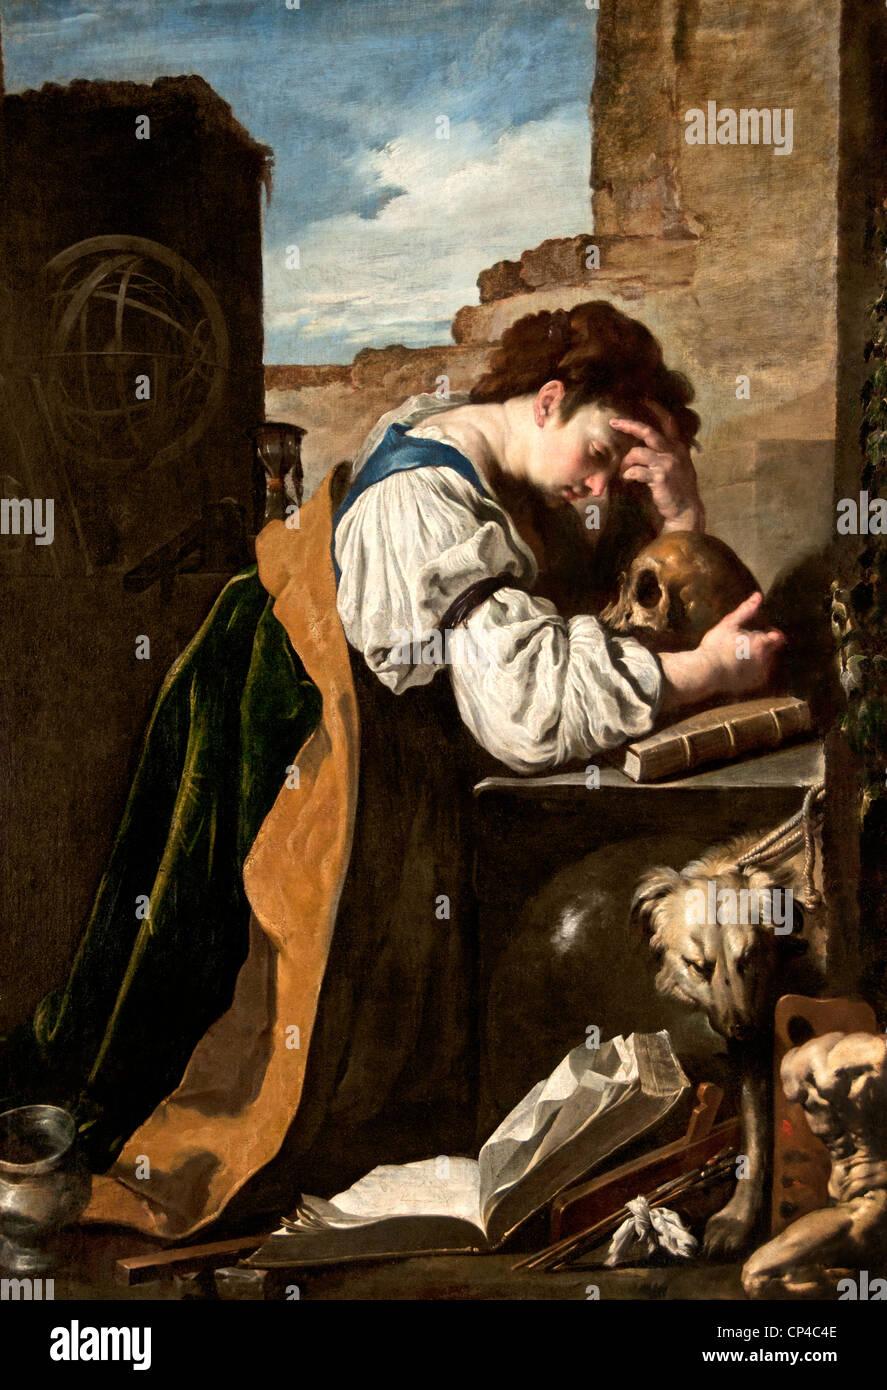 Melancholy 1618 by  Domenico FETTI 1588 – 1623 Italy Italian - Stock Image